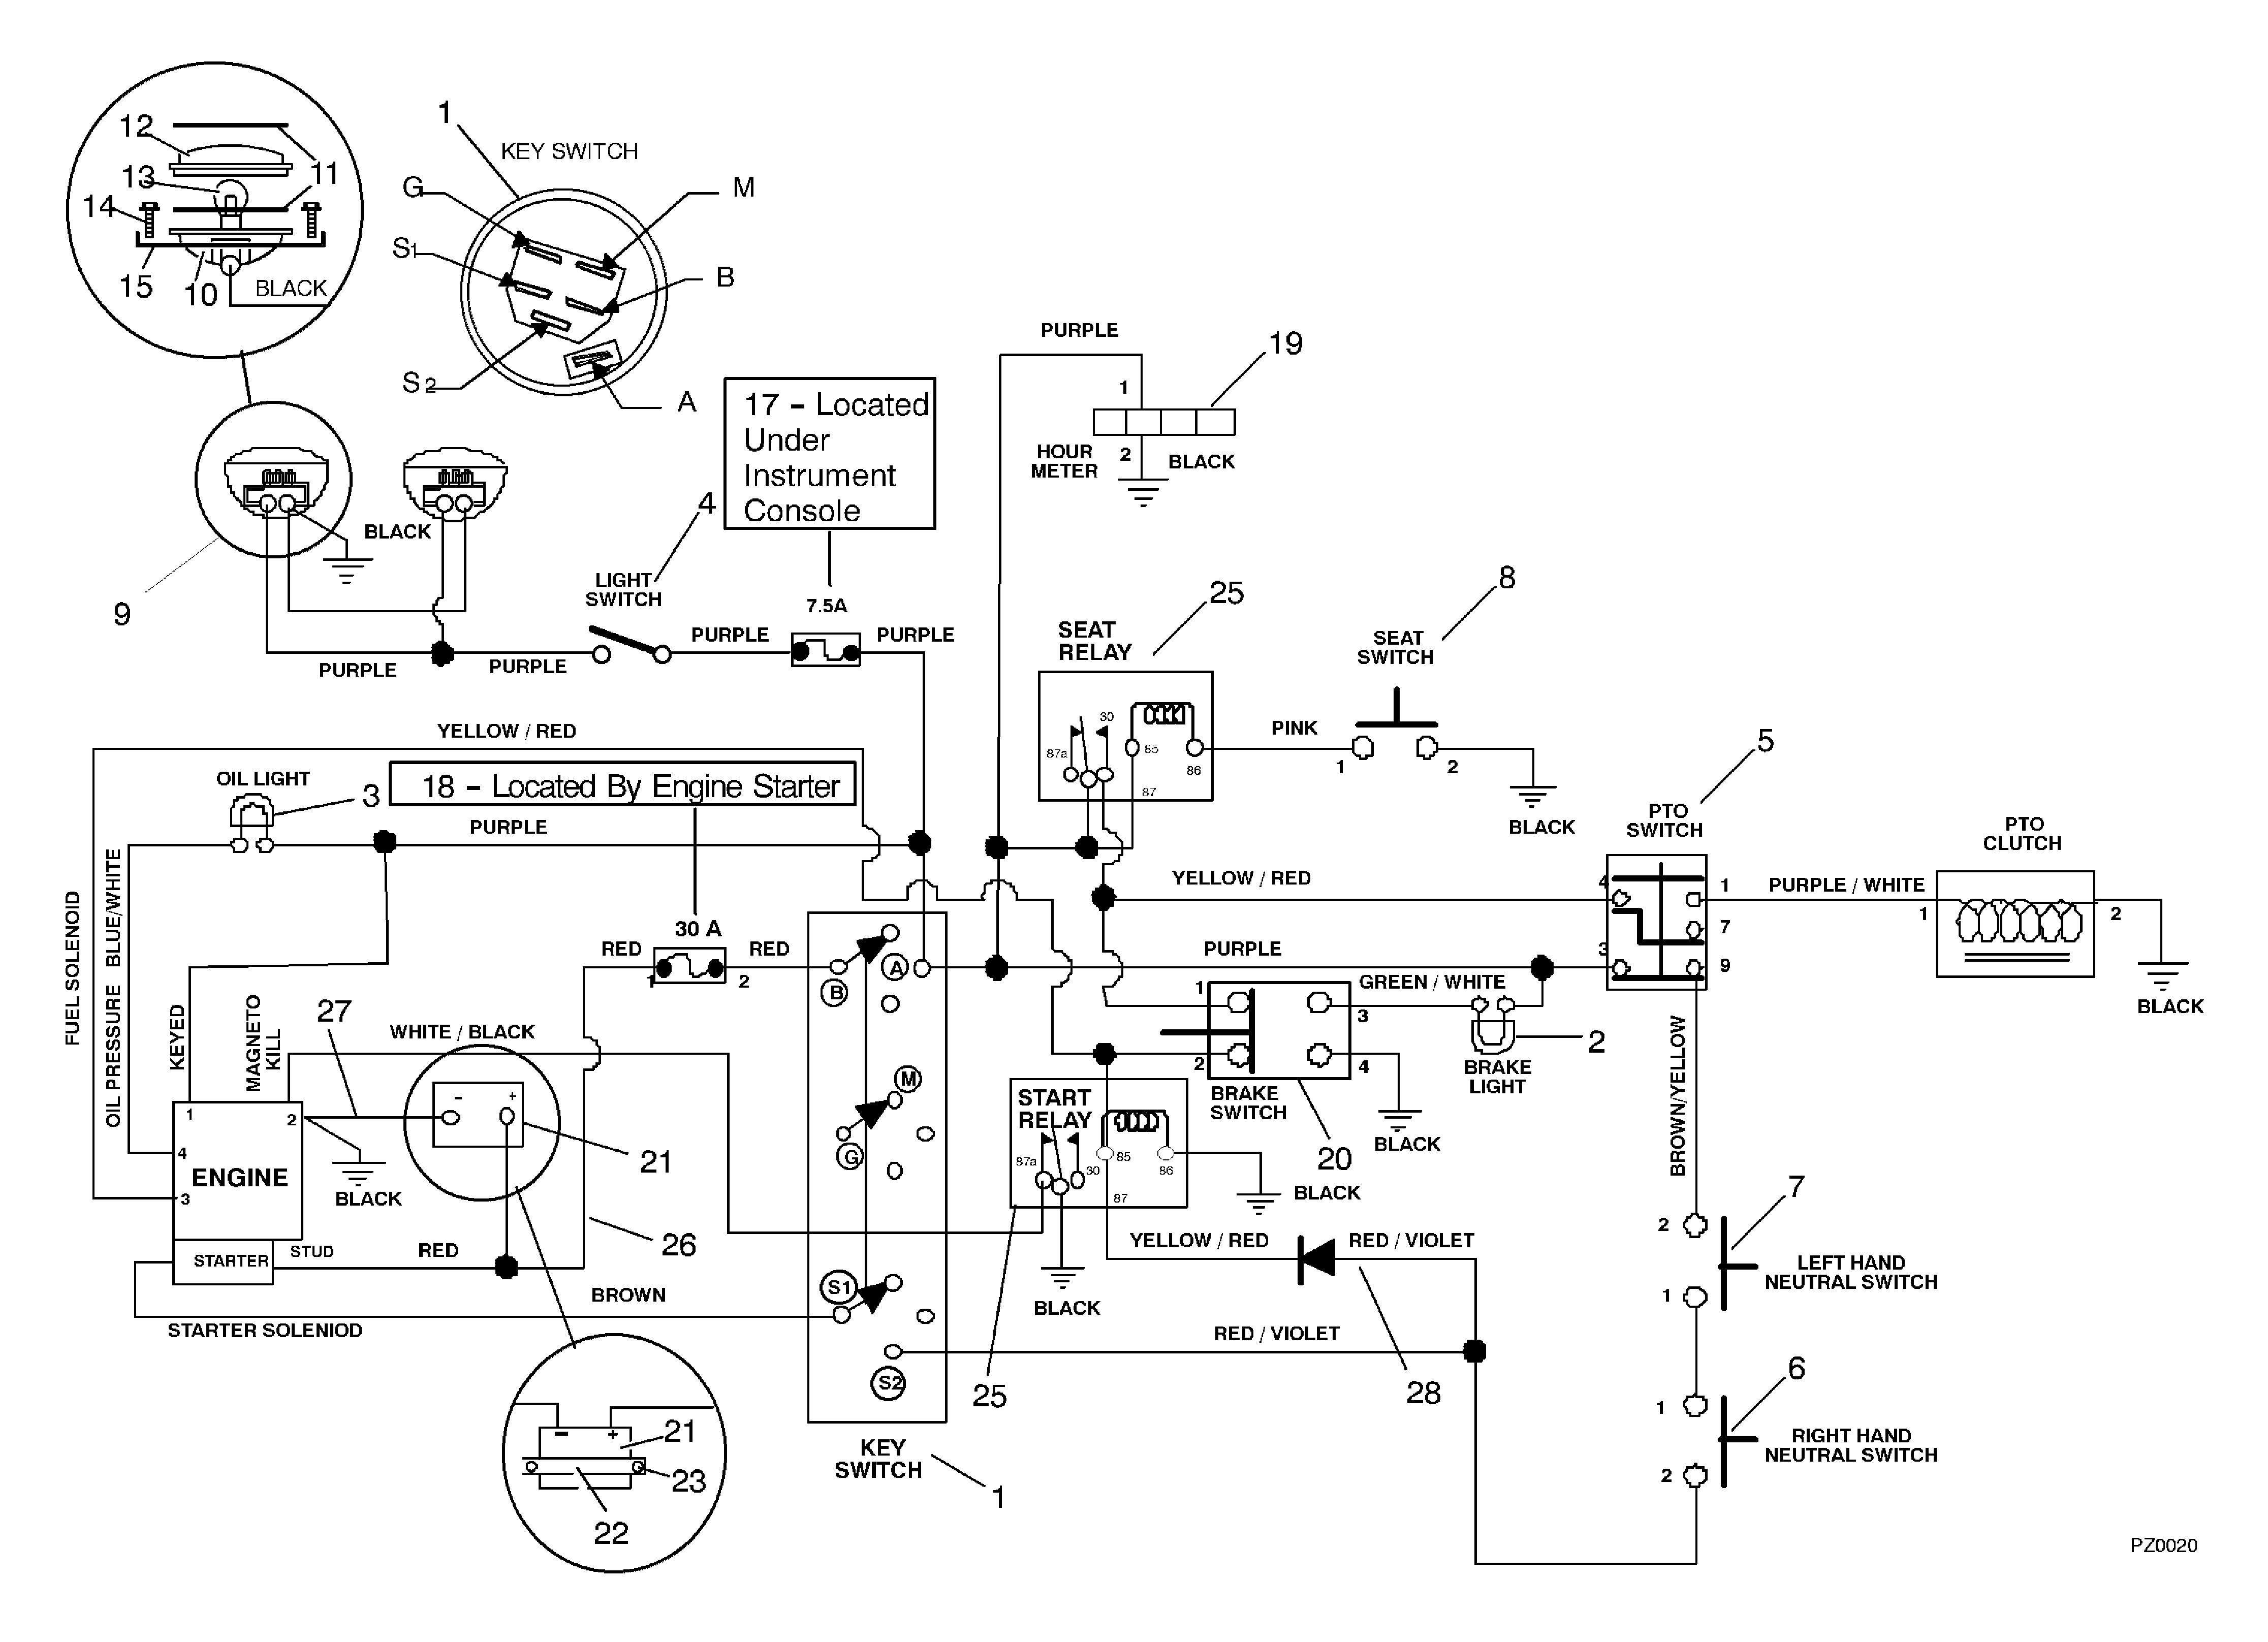 Kohler Command 12 5 Wiring Diagram